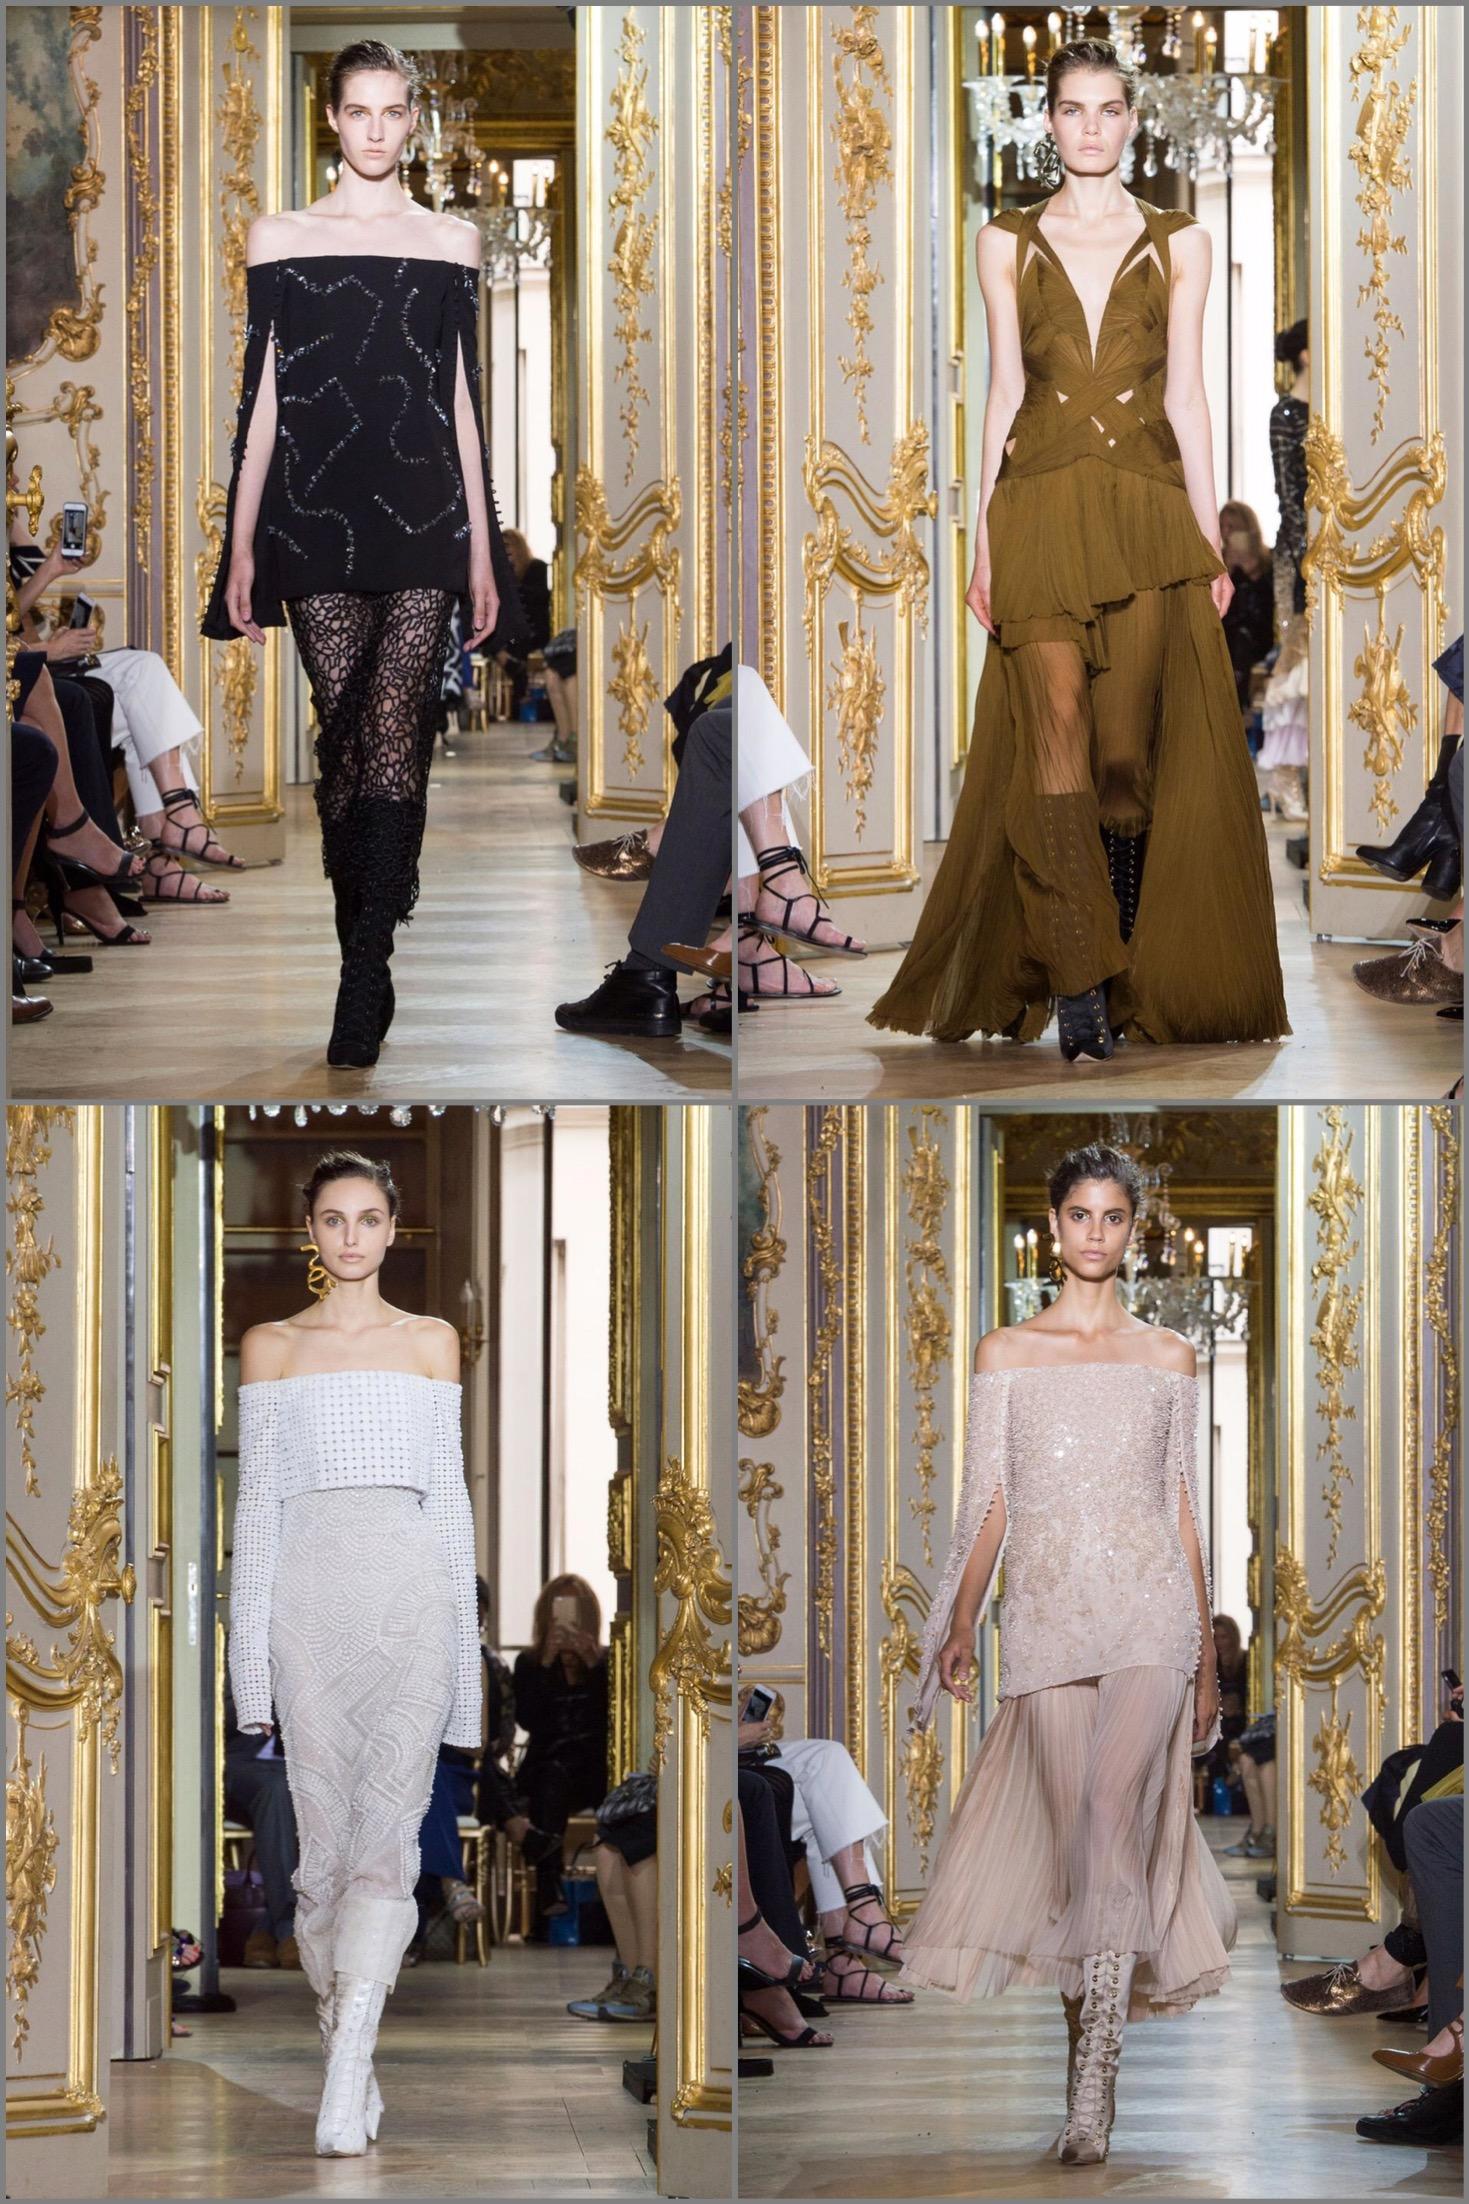 Paris Couture Week Fall Winter 2016-2017 - J.Mendel